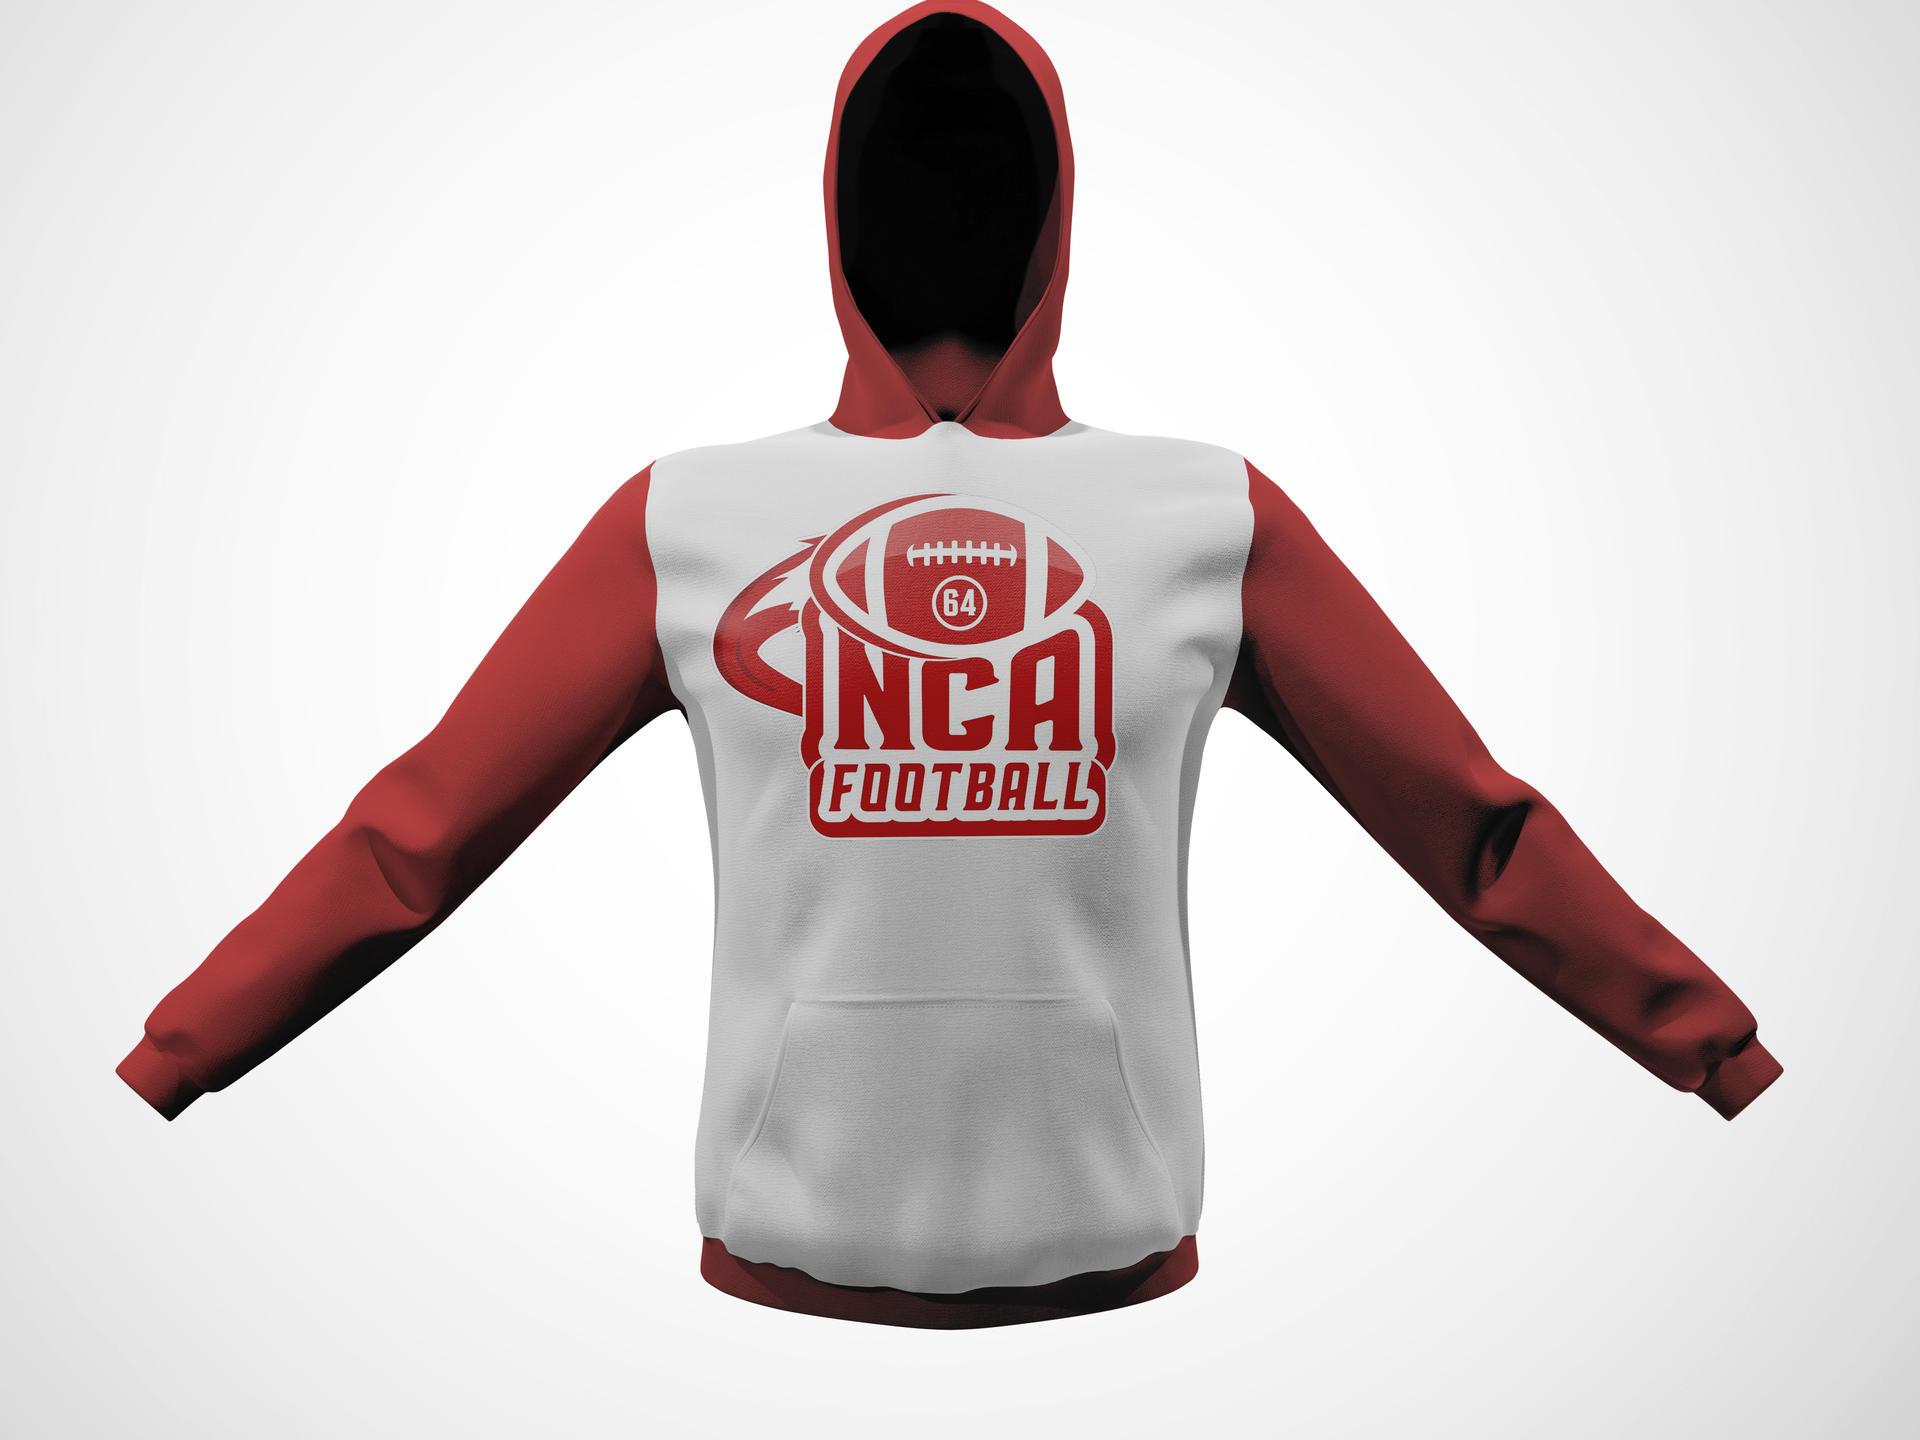 NCA-FOOTBALL_Hoodie-Mockup.jpg